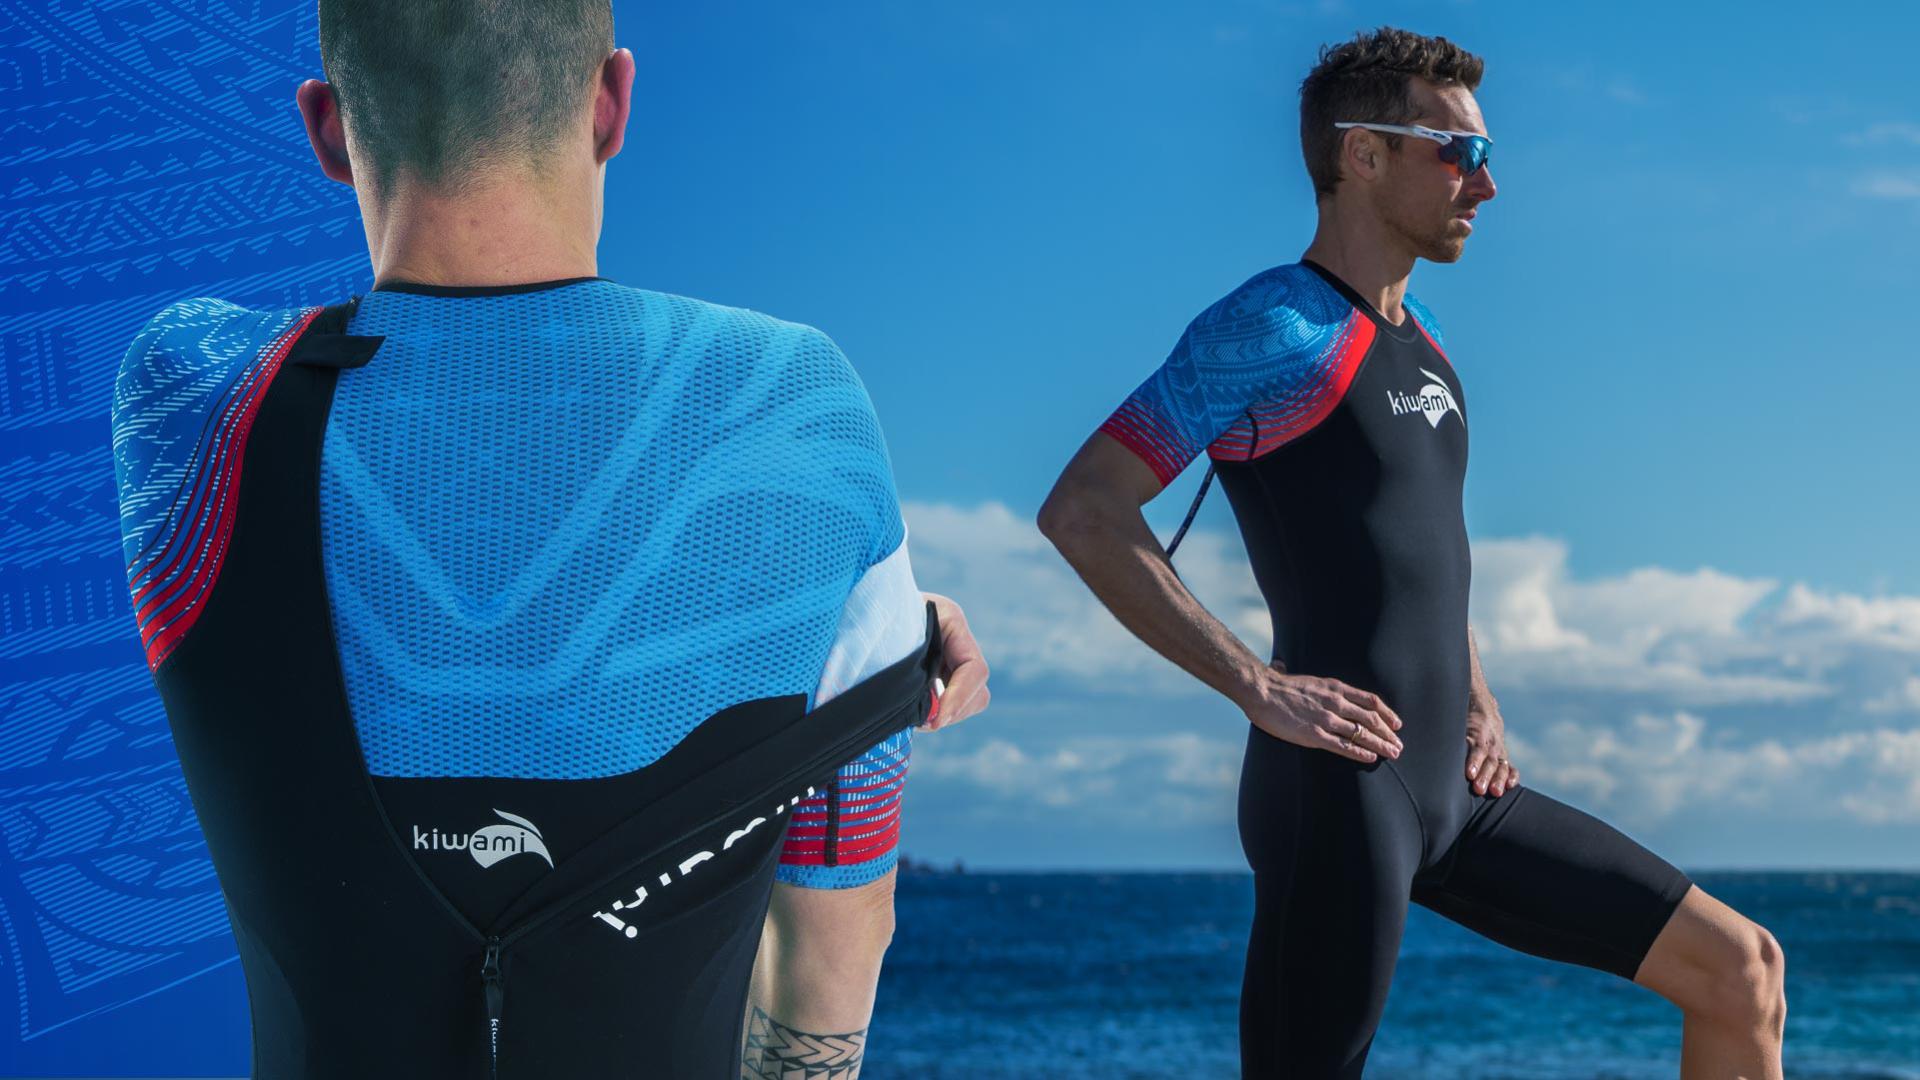 KiWAMi Triathlon | Aquarush Swimskin - ideal fürs Freiwasserschwimmen und bei Neo-Verbot